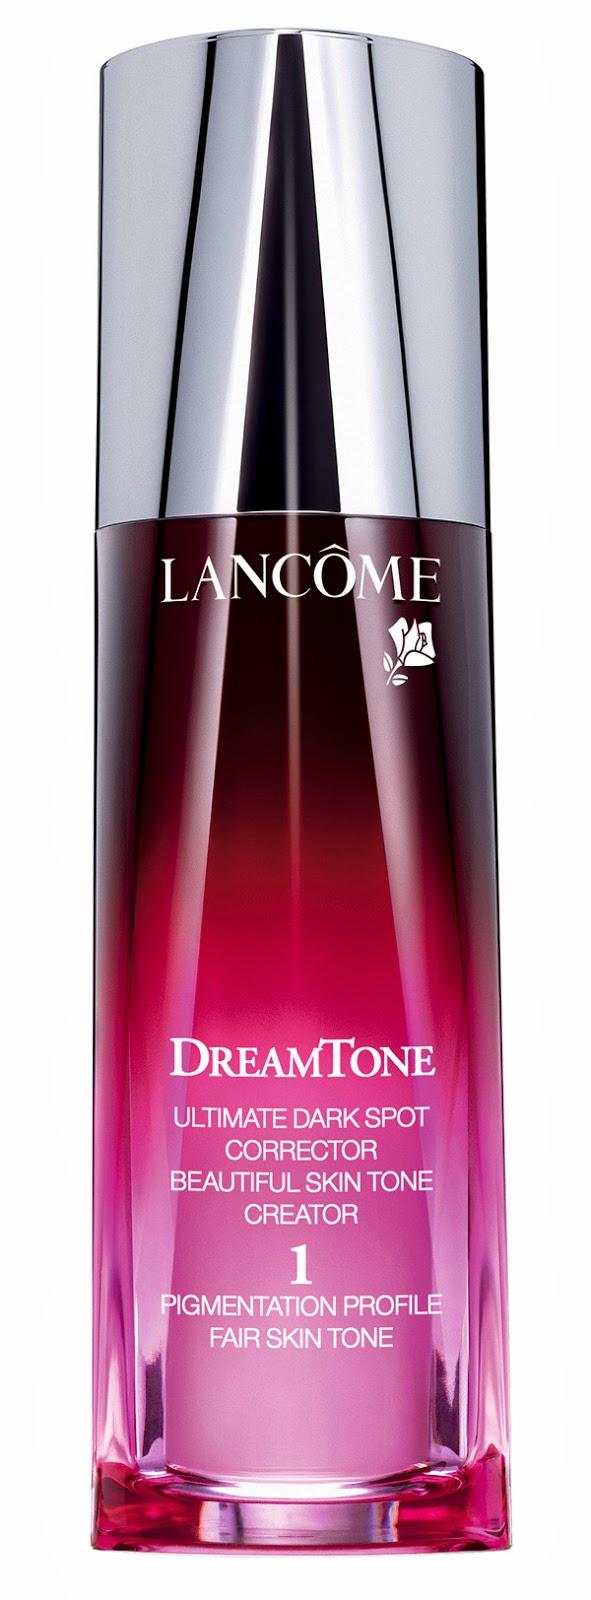 DreamTone-Corrector-tono-piel-sueños-maquillaje-2014